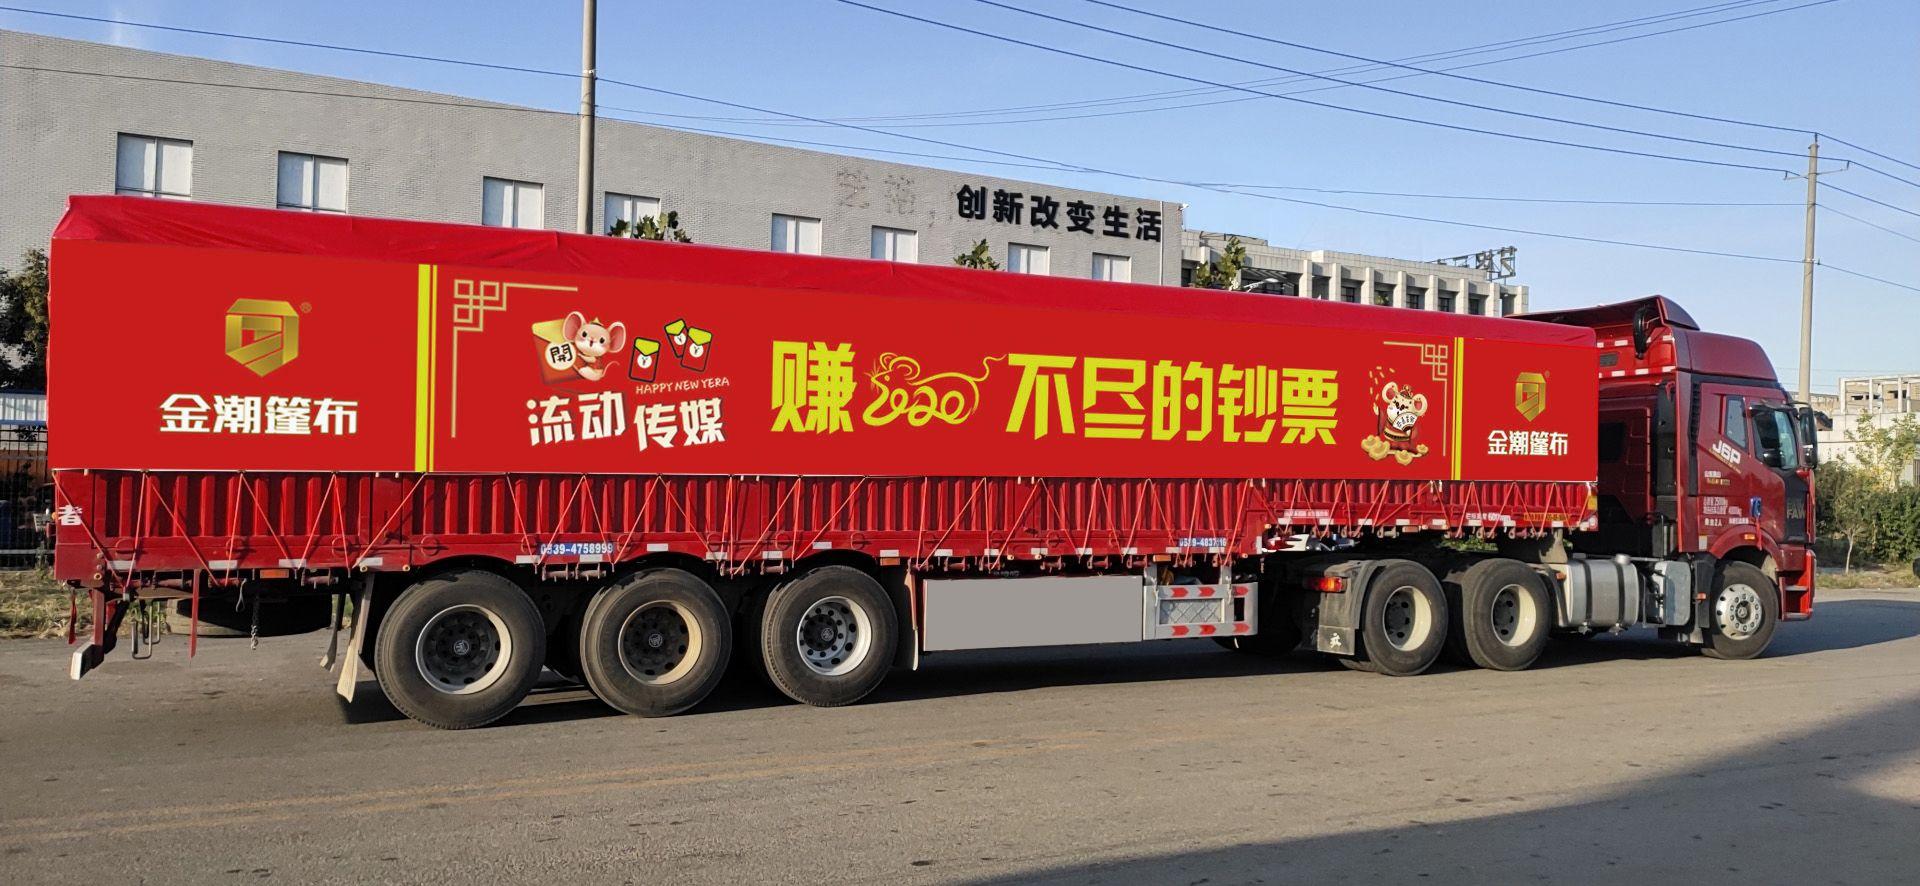 卡车流动传媒价格